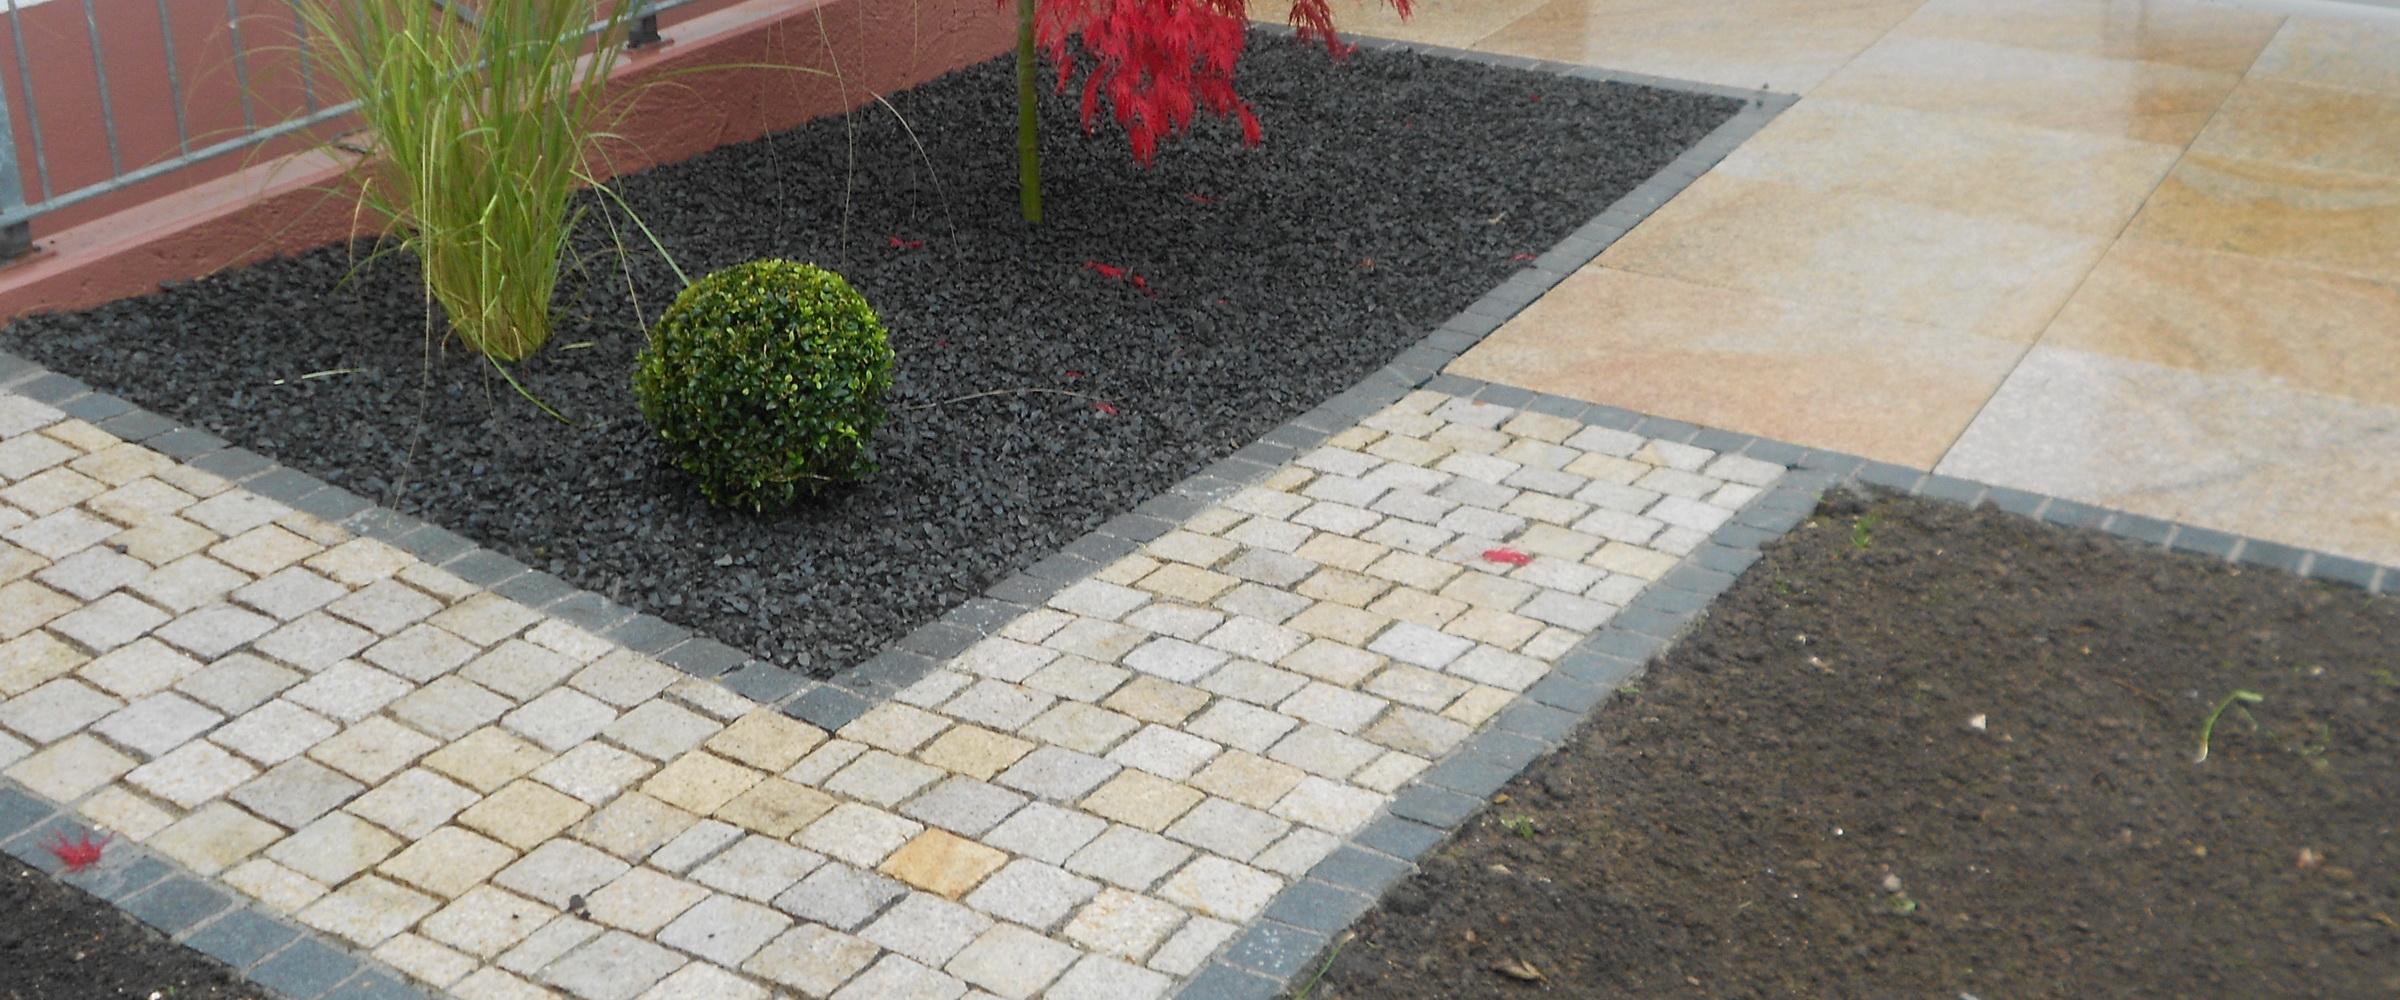 Machen Sie Ihren gepflasterten Zugangsweg mit Basalt-Kiesbeet zum Blickfang